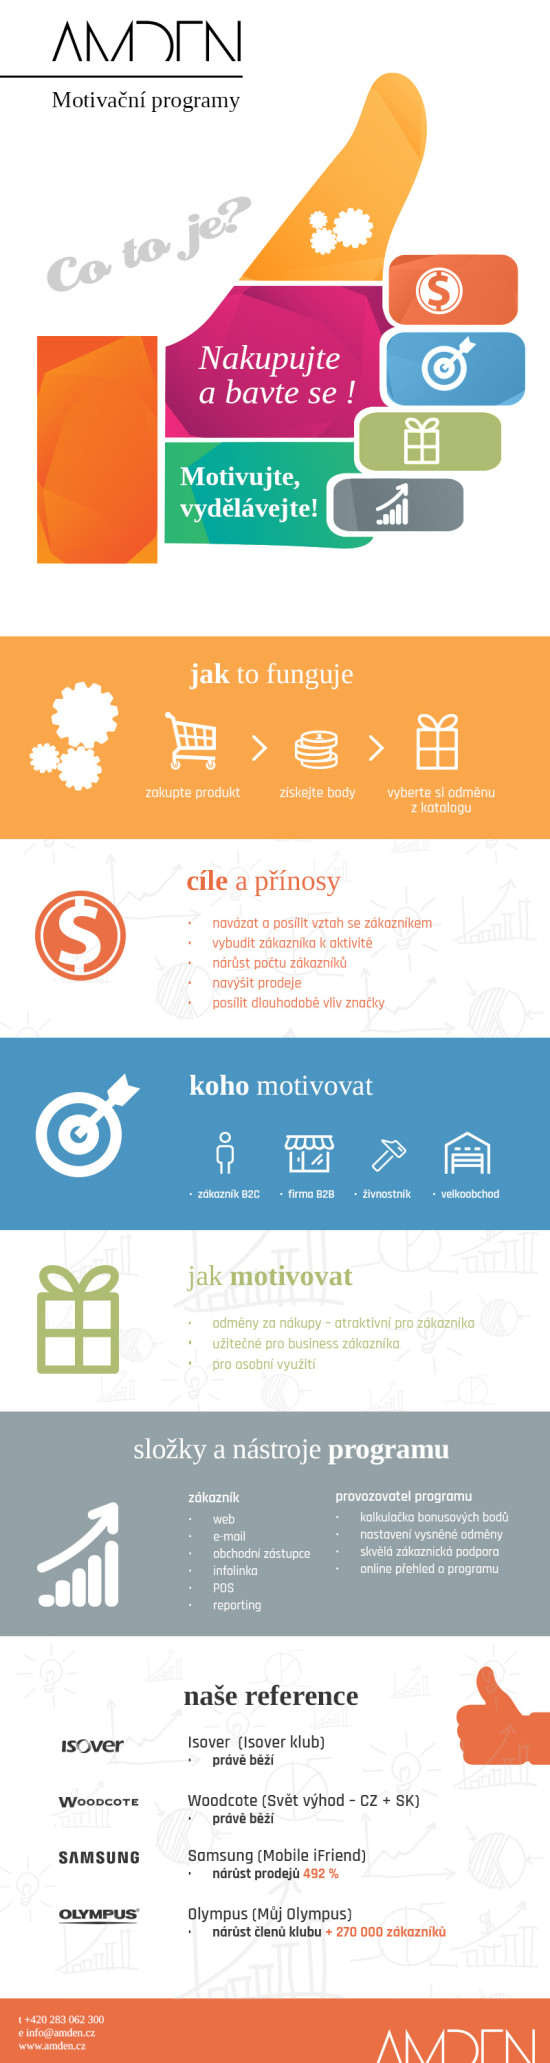 Amden_vernostni_program_infographics